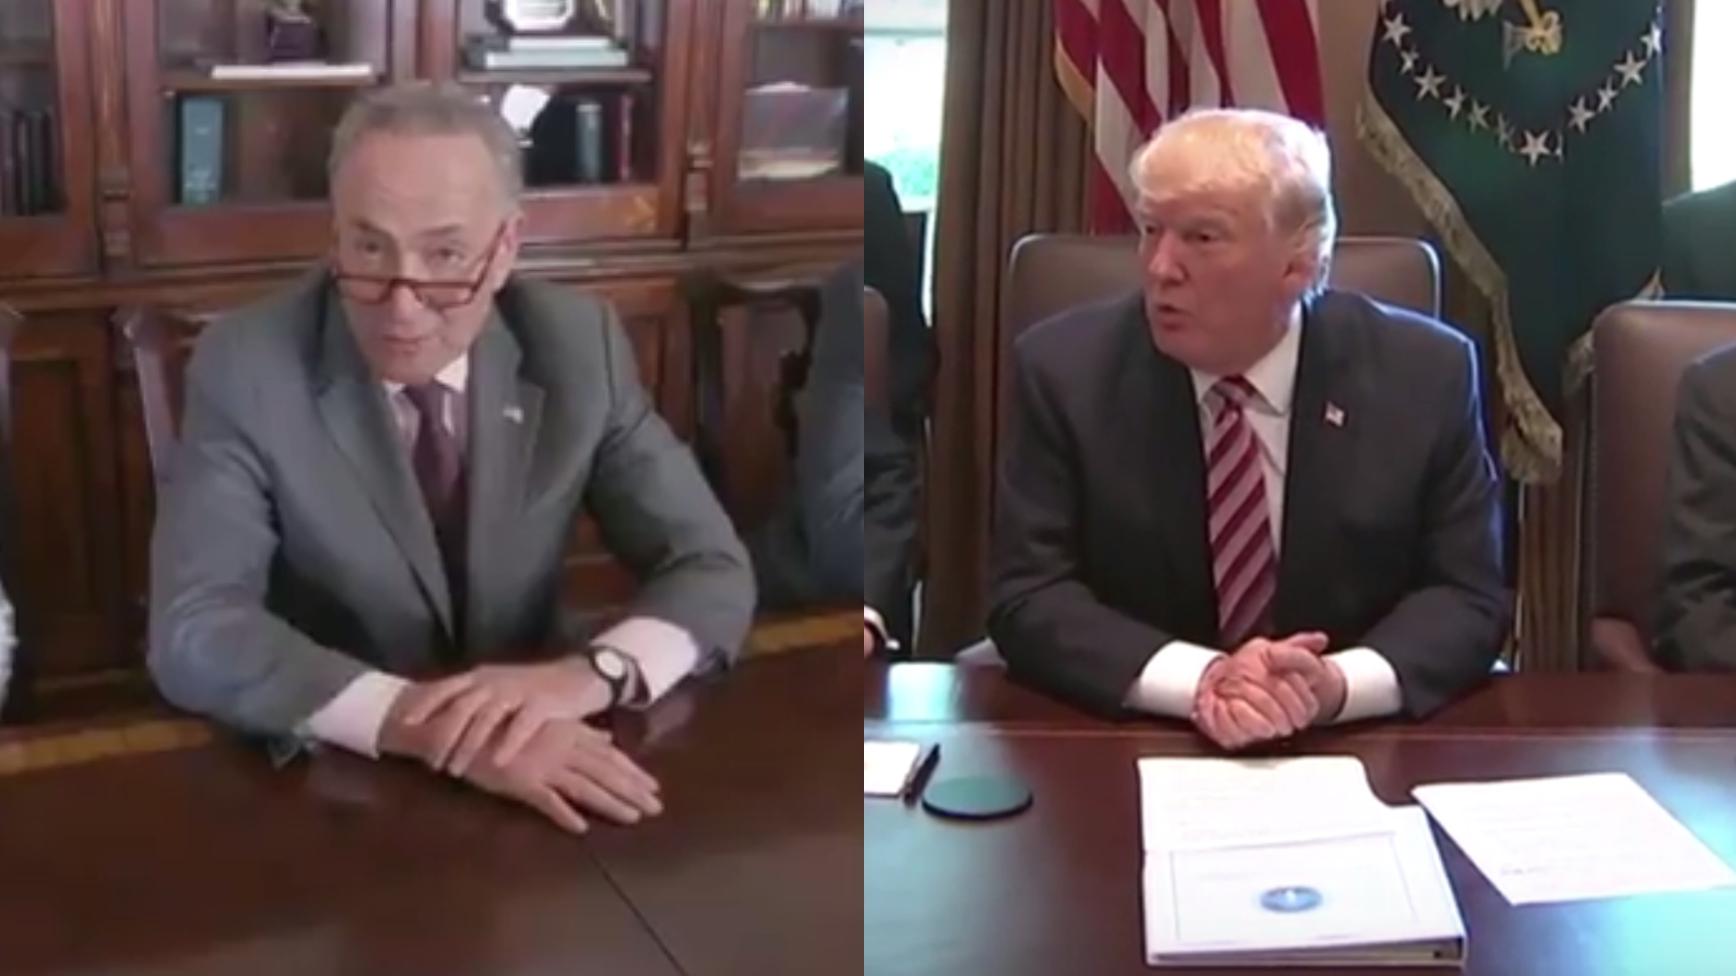 So macht sich der Demokrat Schumer über Trump lustig